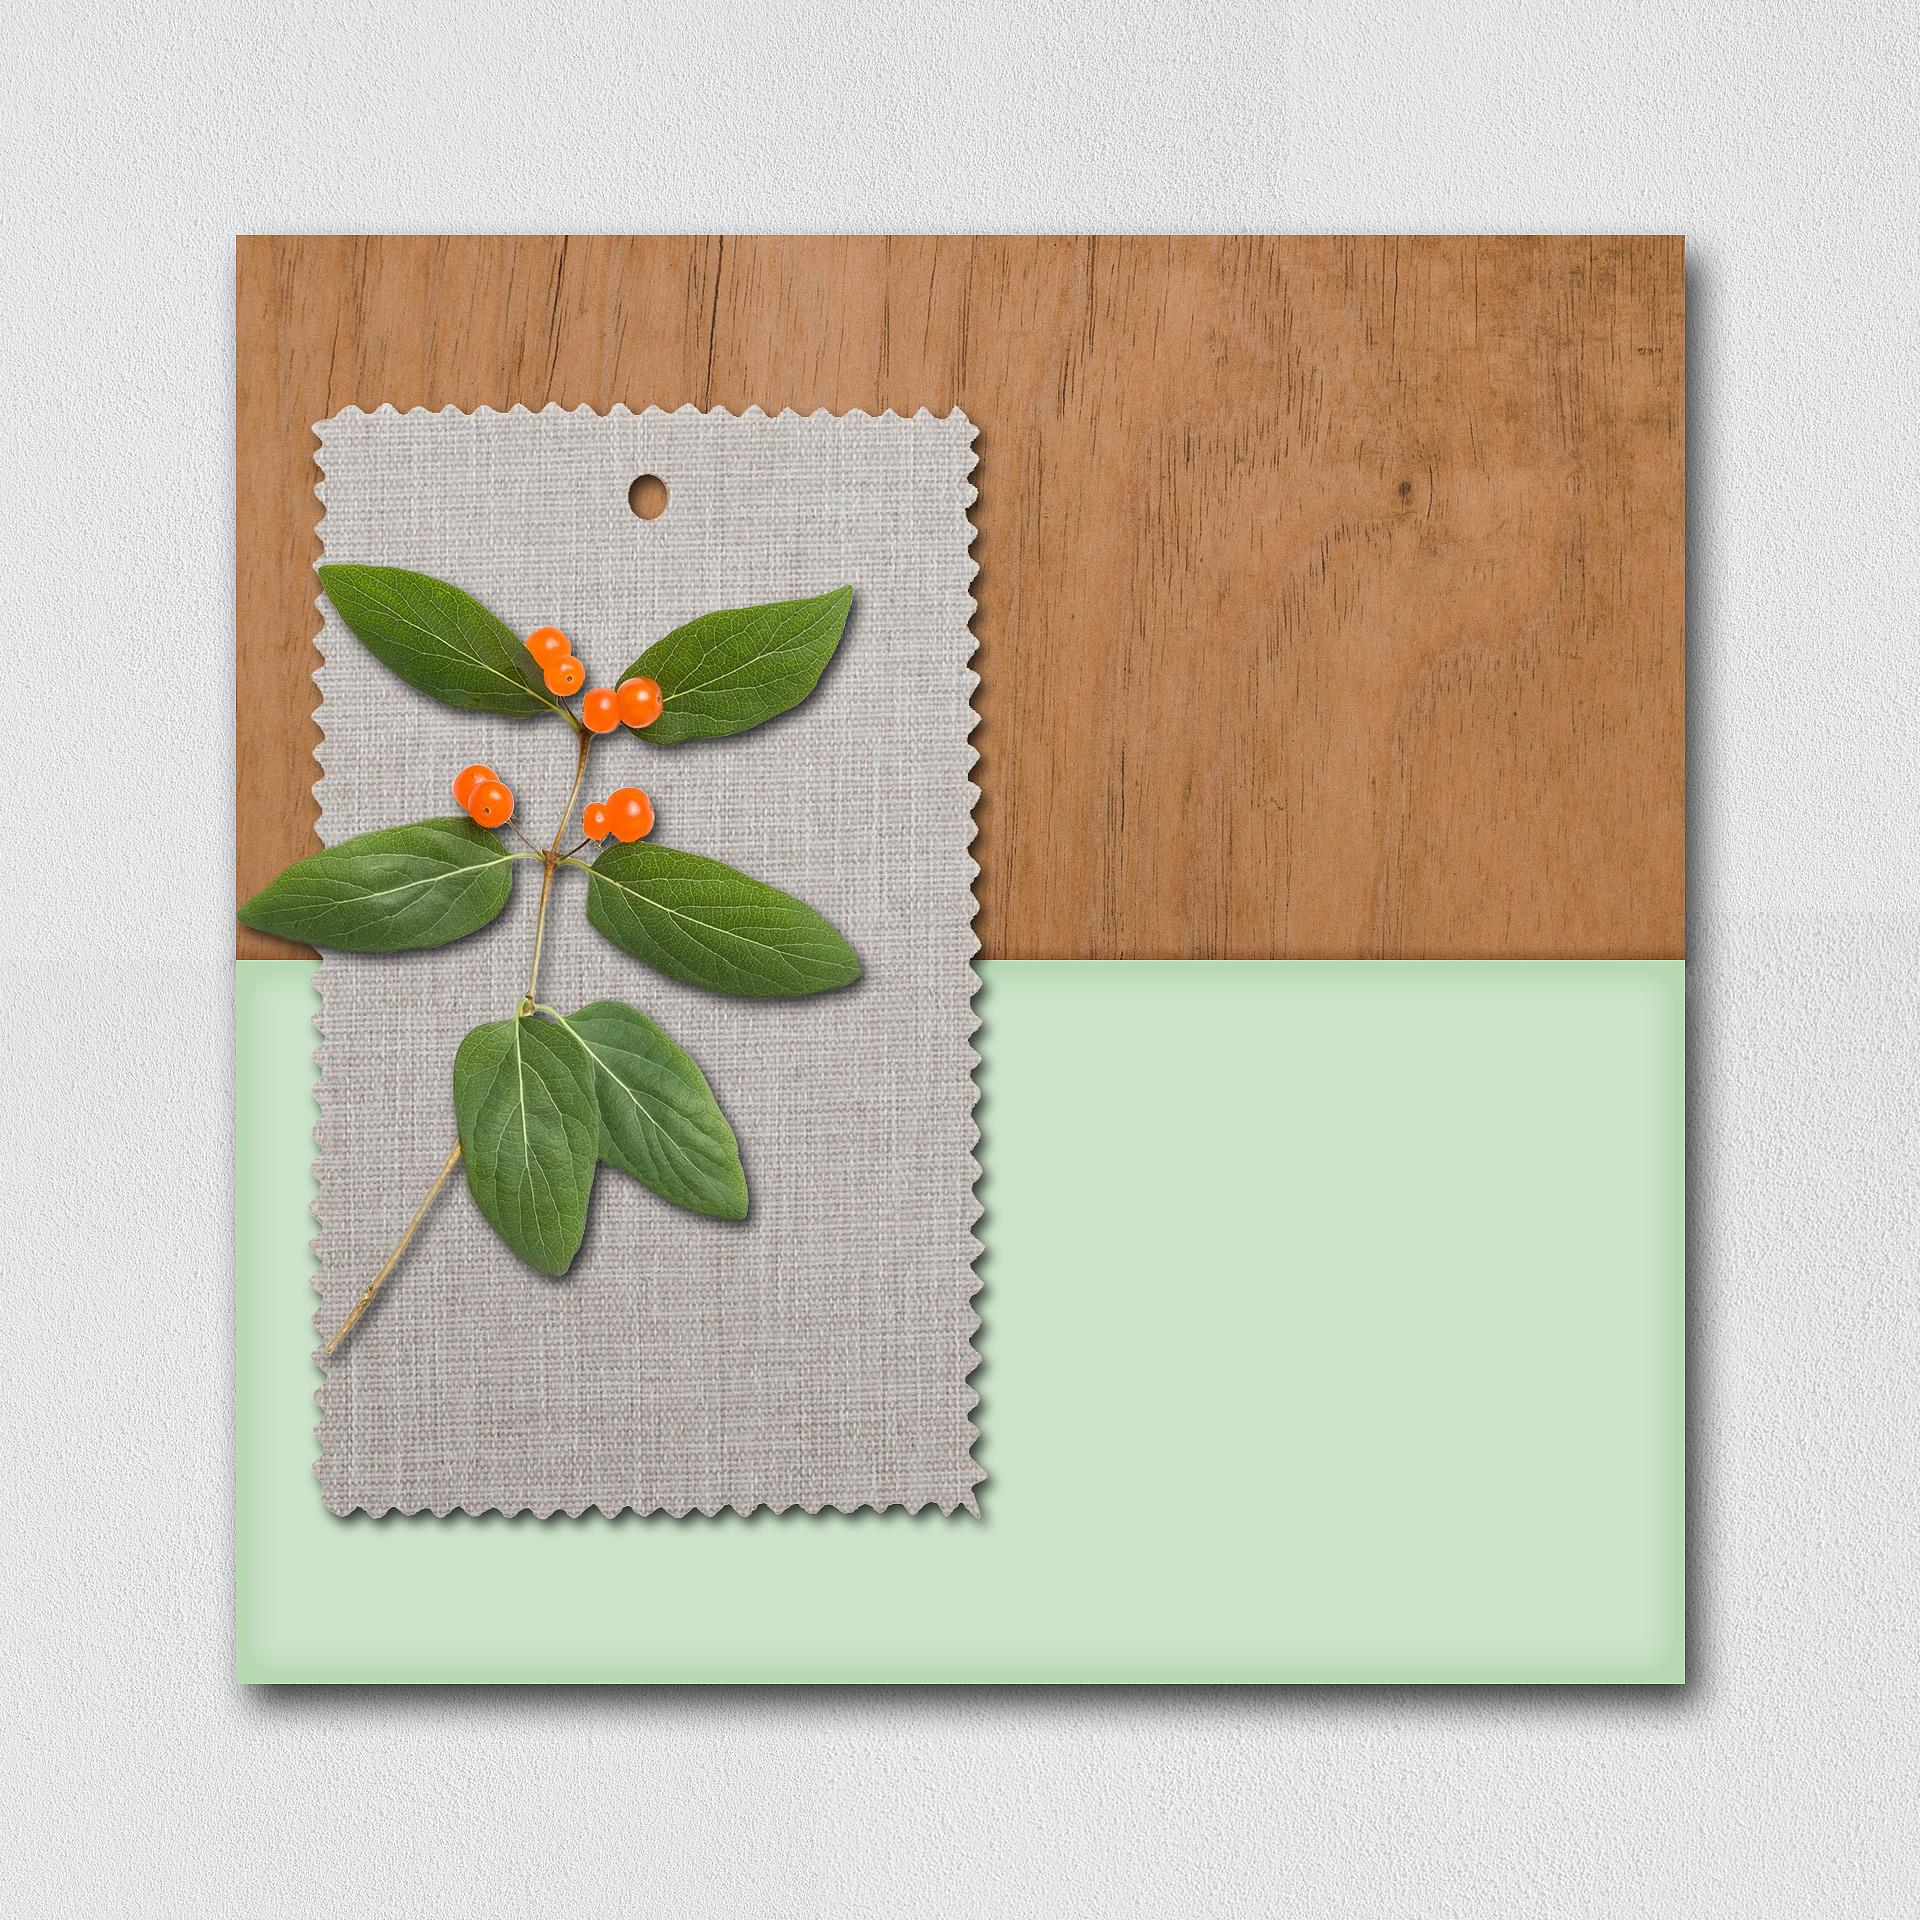 moodboard verde menta